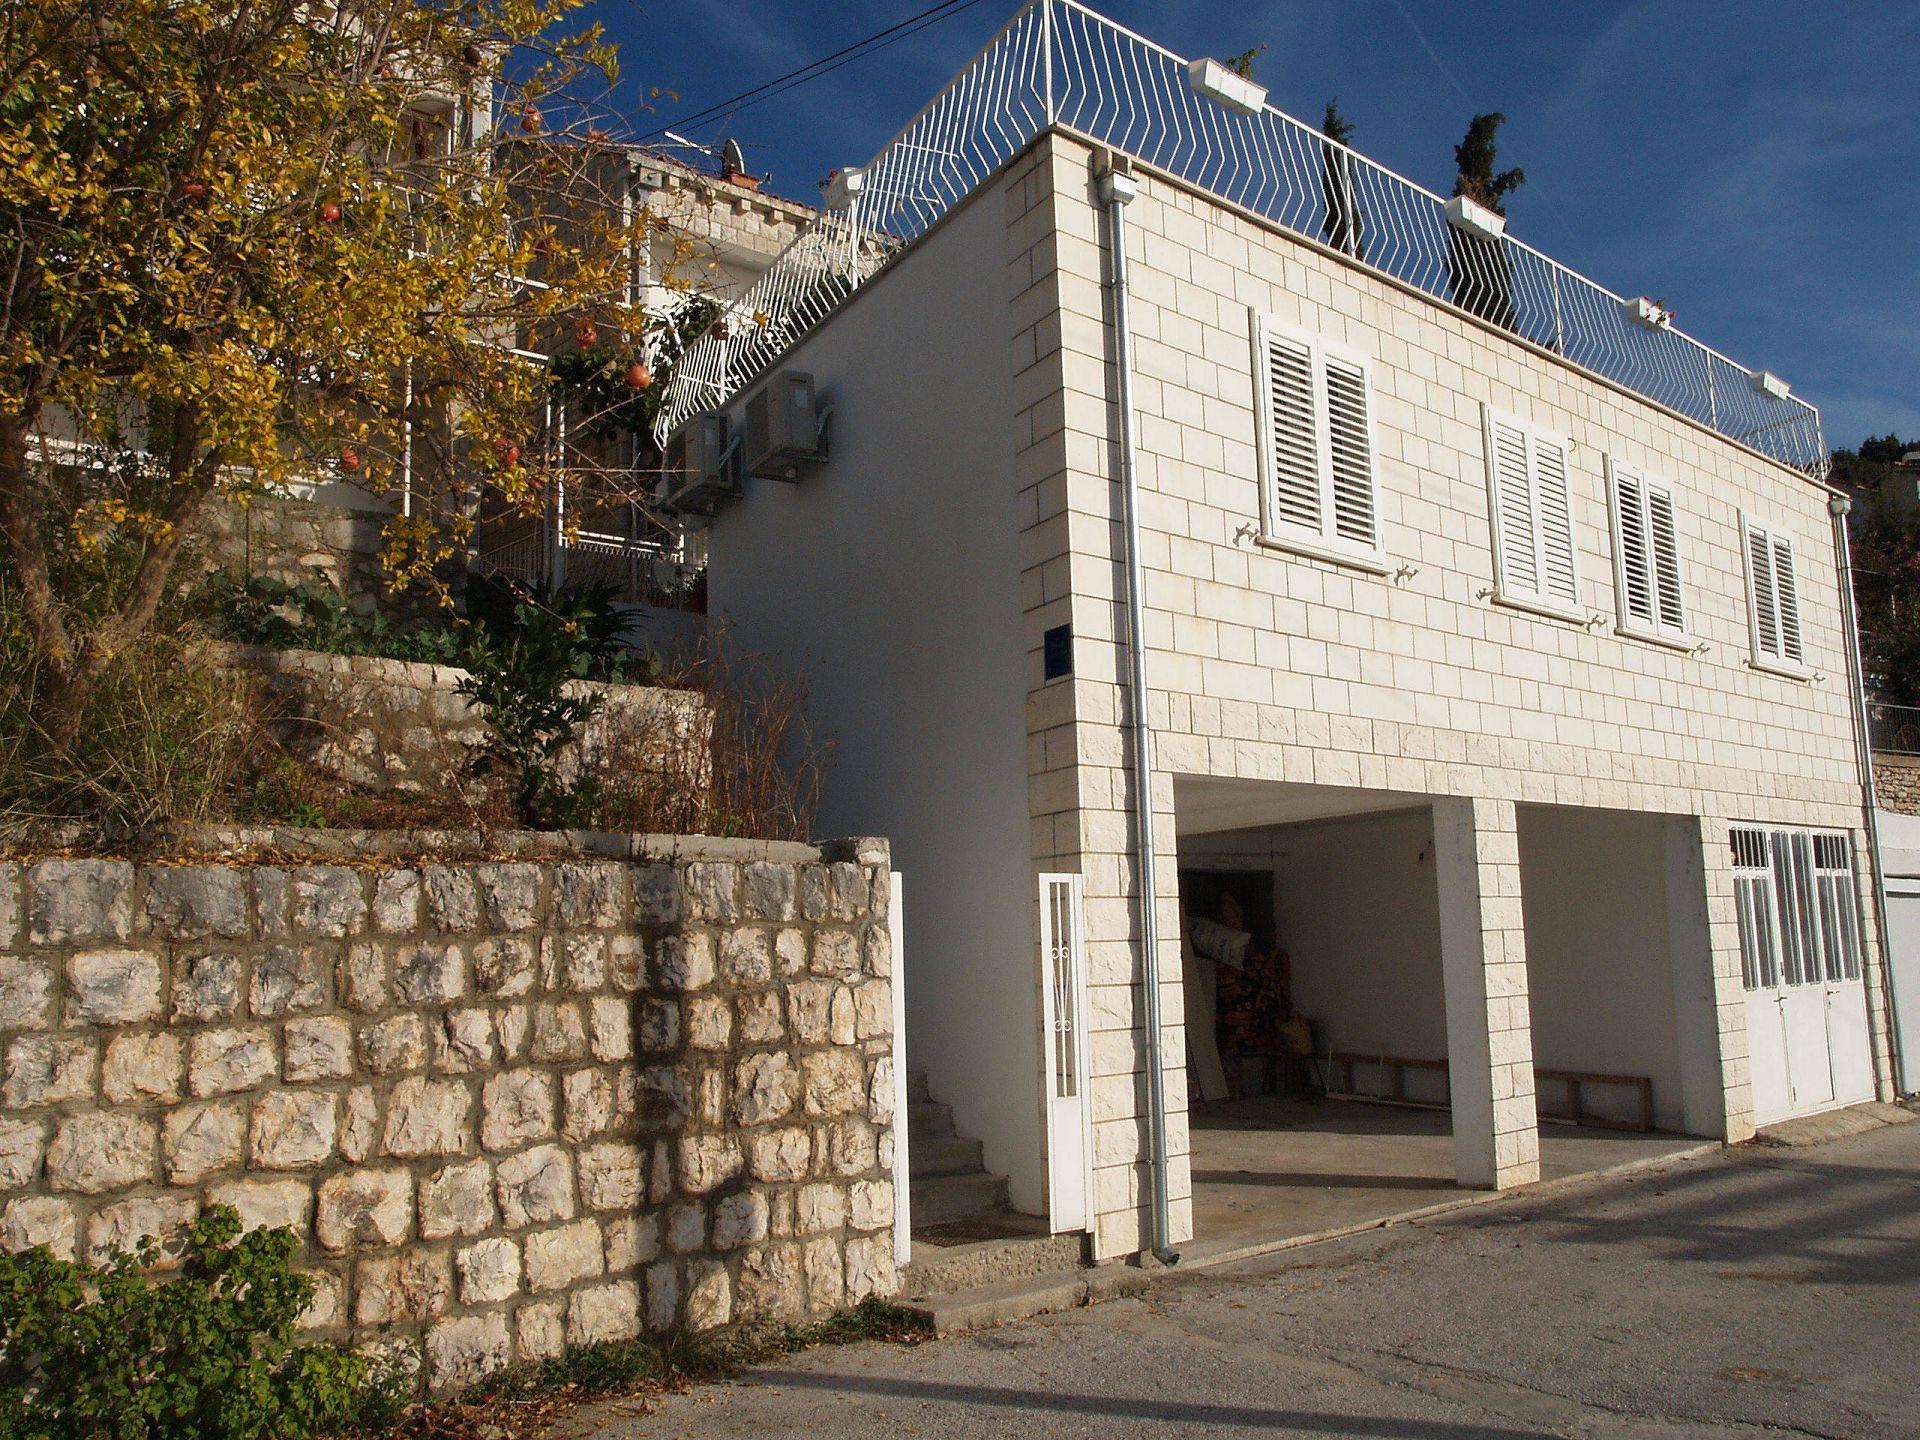 00816ZATD  - Zaton (Dubrovnik) - Appartementen Kroatië